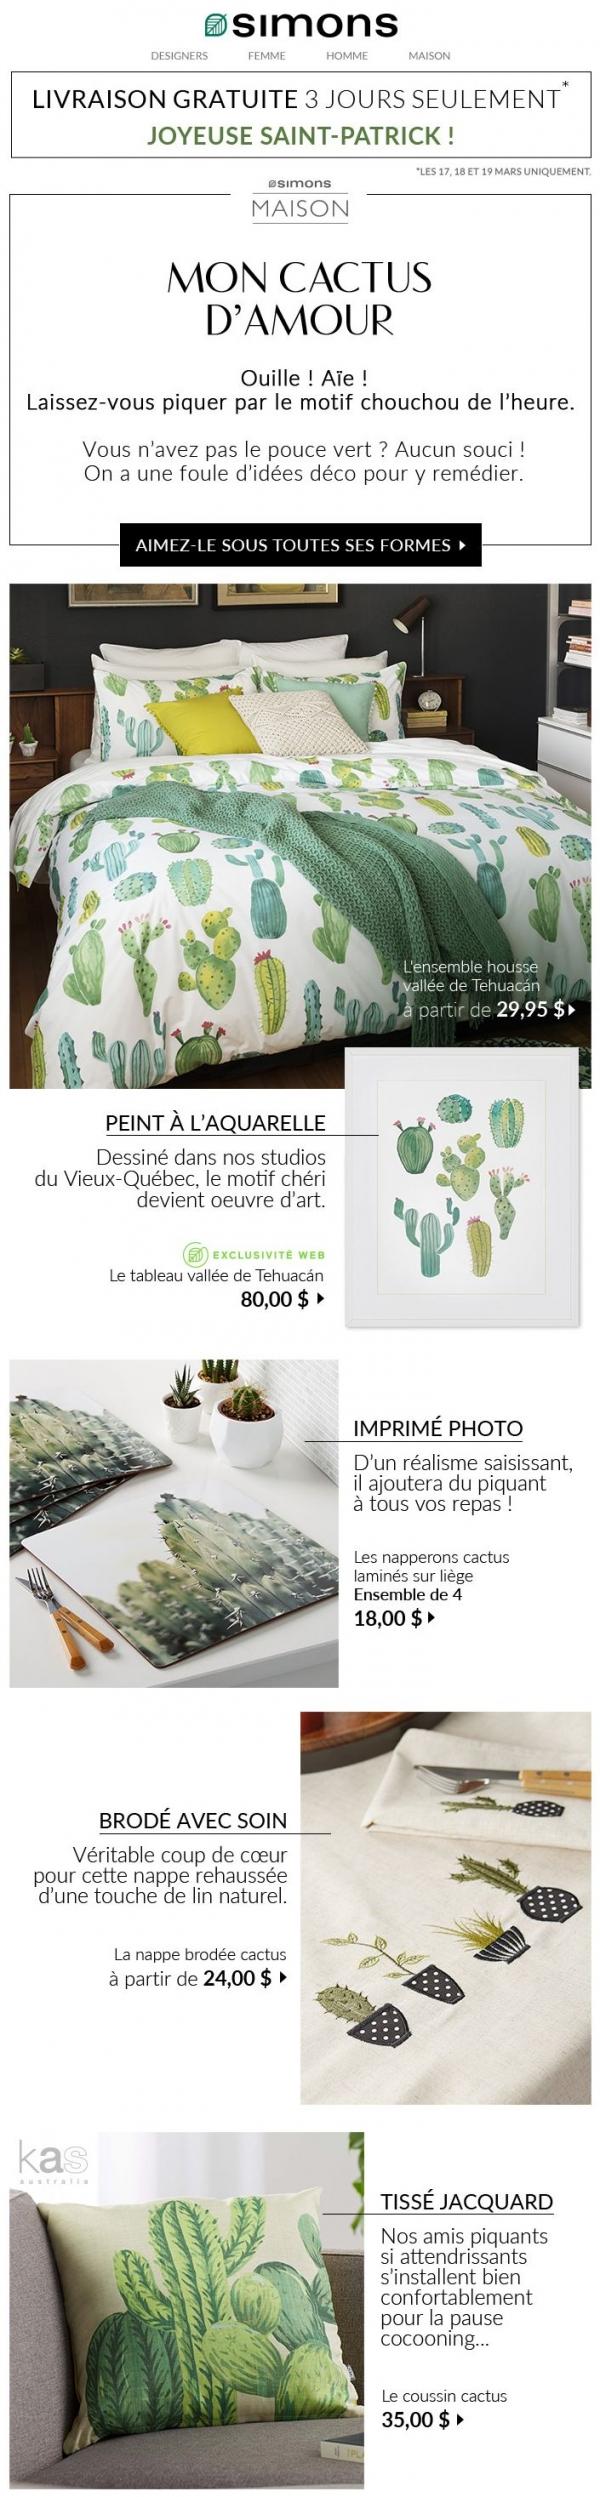 Livraison Gratuite + Des Cactus à Perte De Vue ! Promotions Rabais